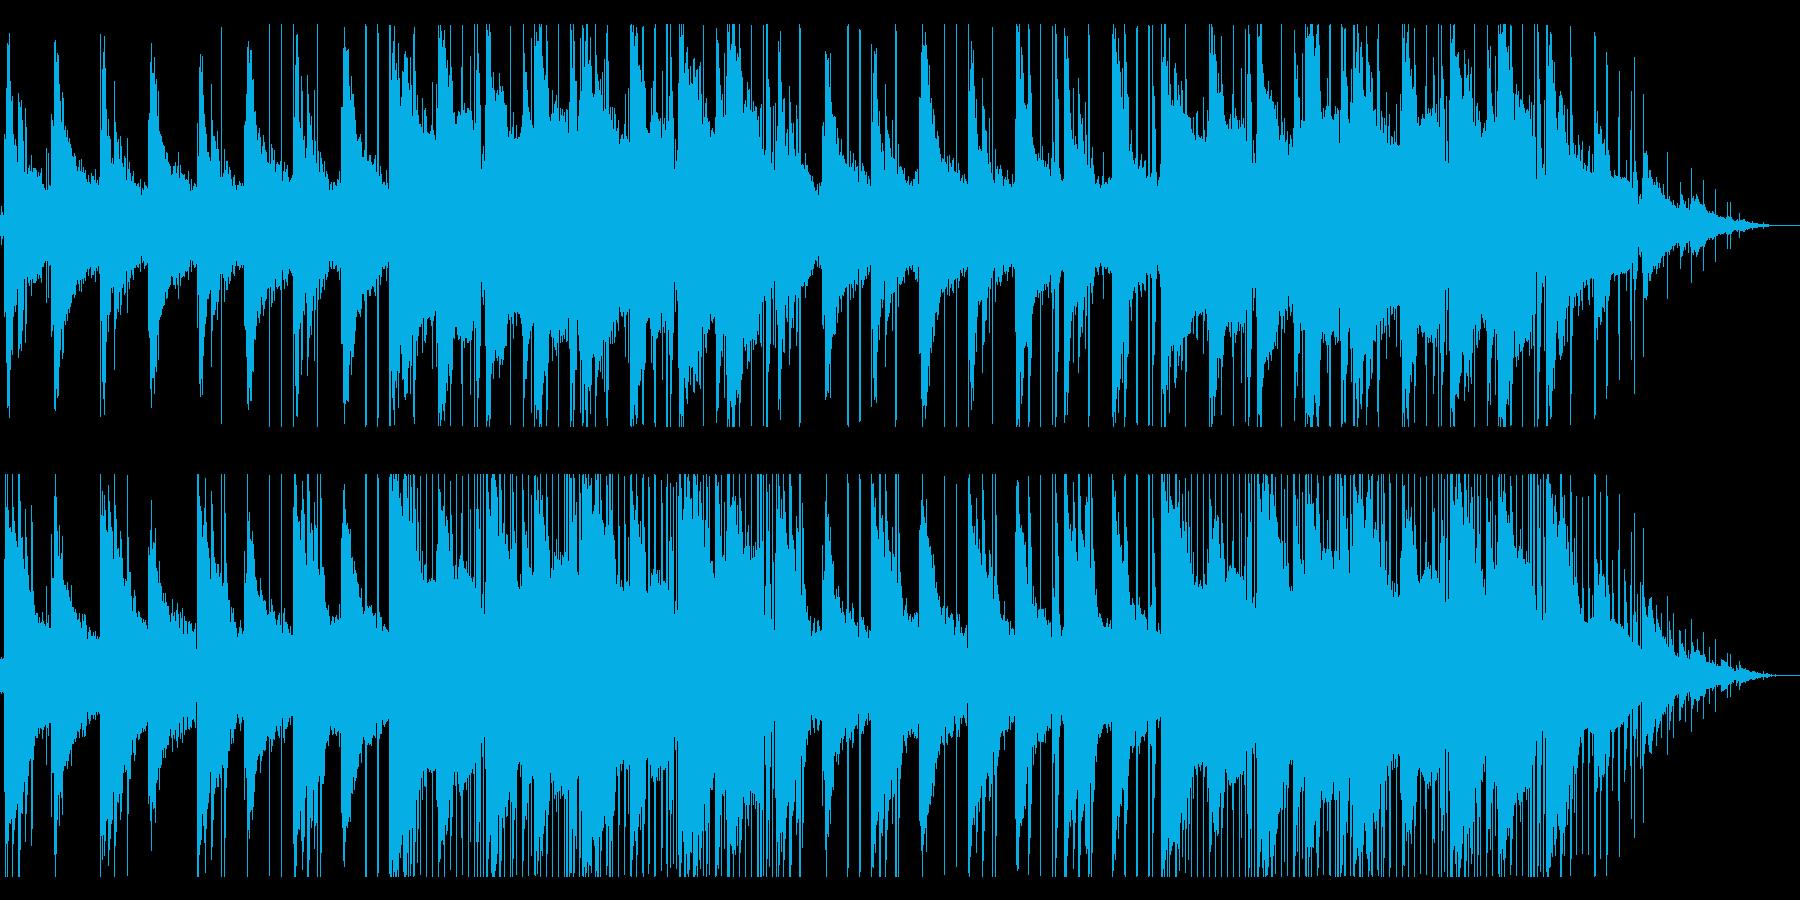 リラックス・ヒップホップ_No392の再生済みの波形